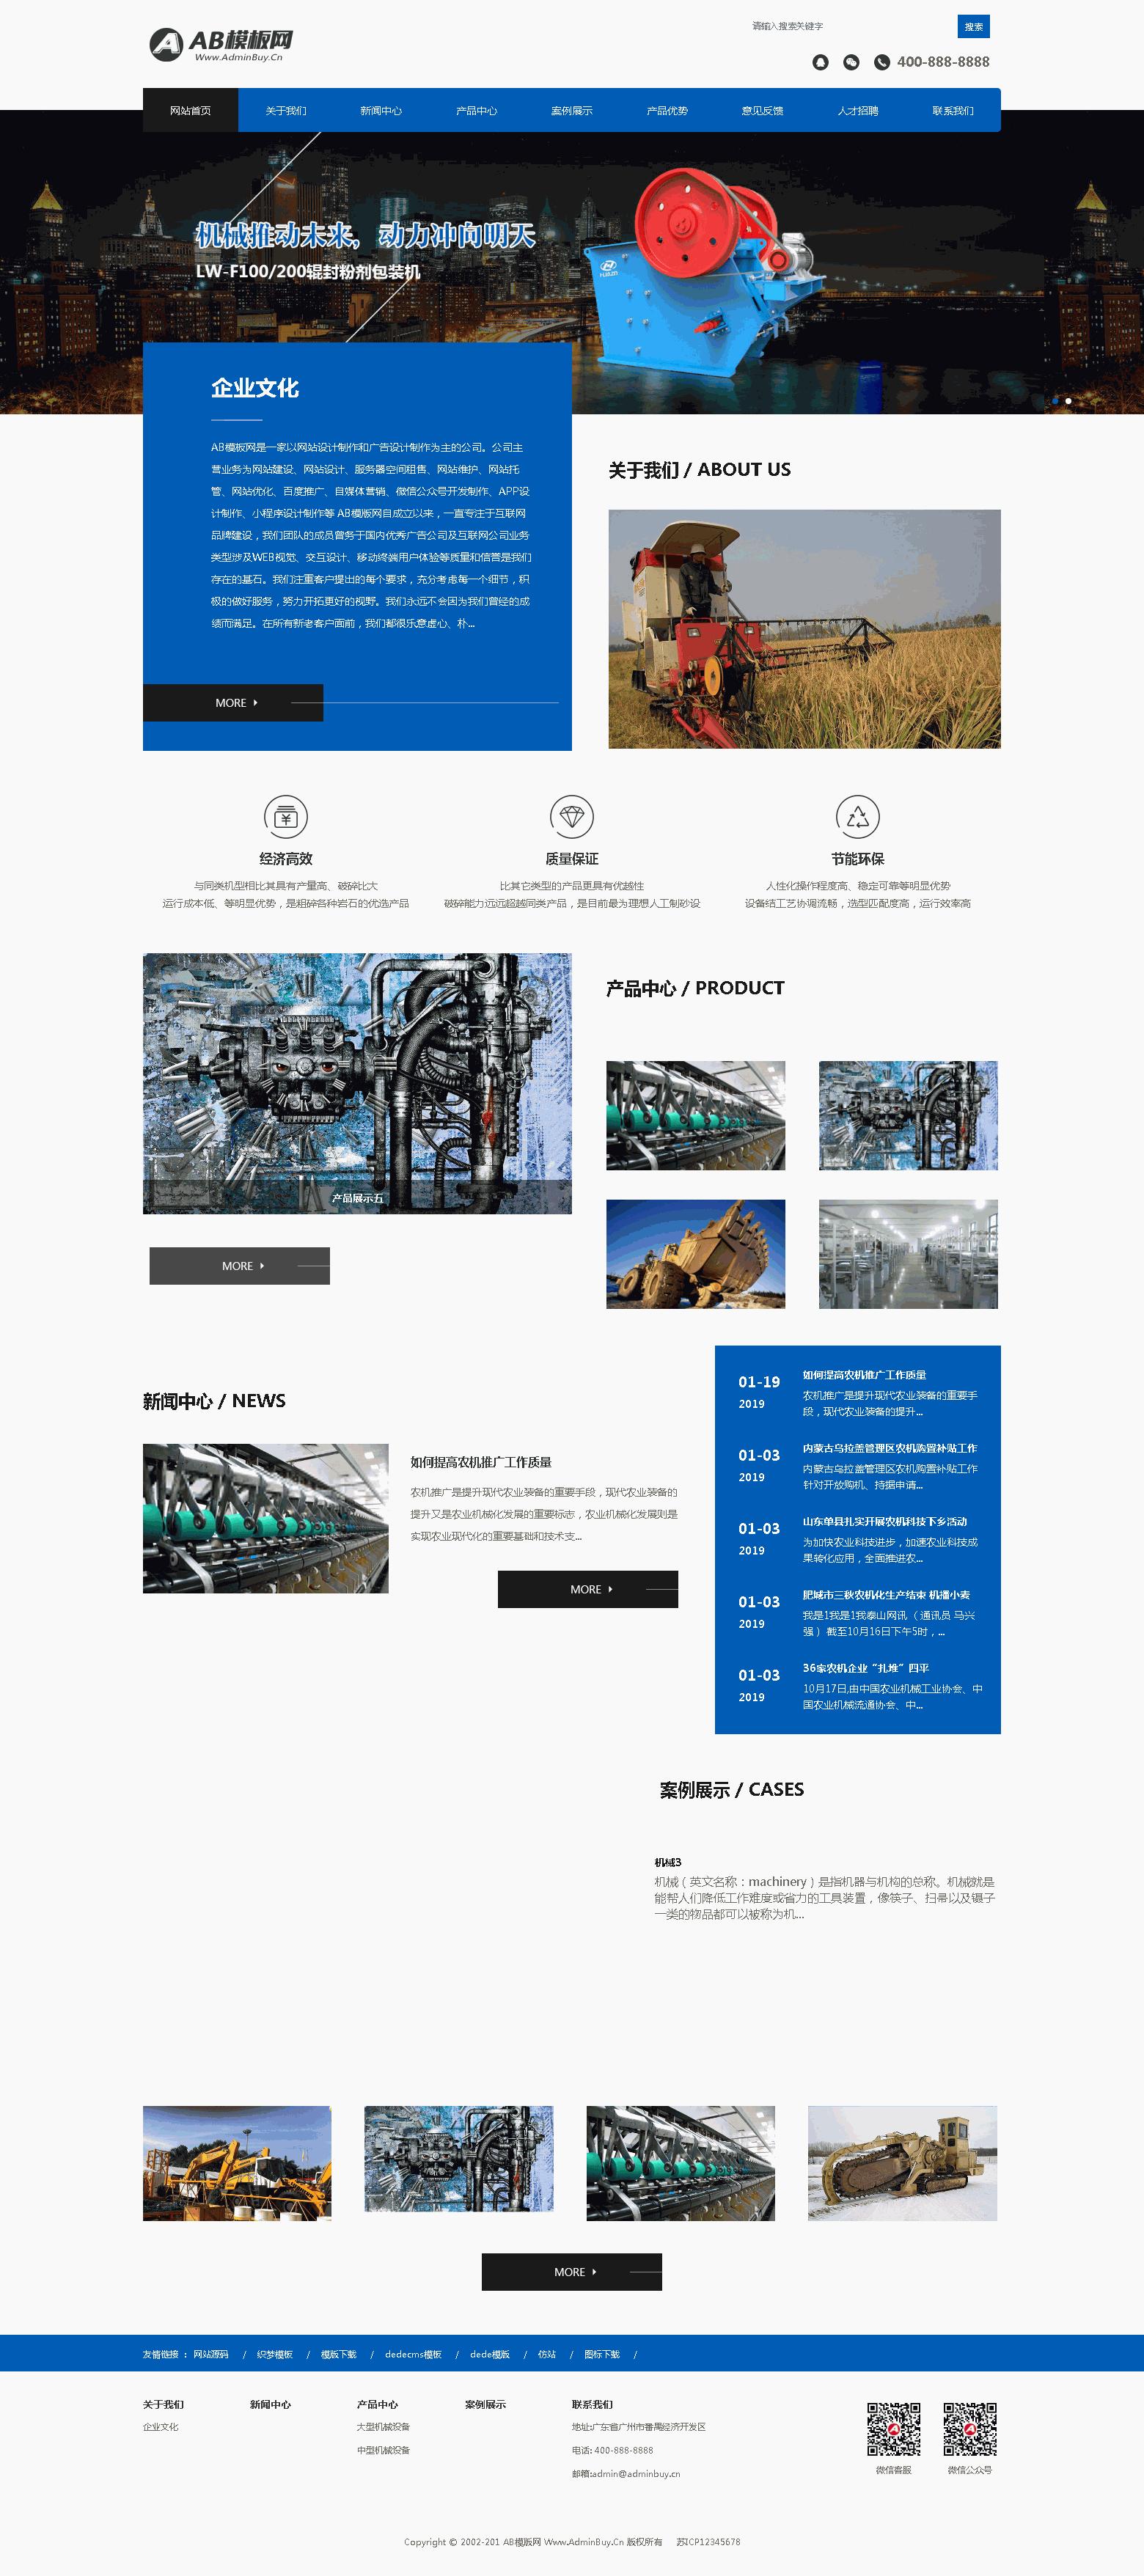 织梦dedecms自响应式农业机械设备公司网站模板,PC+WAP手机端利于SEO优化